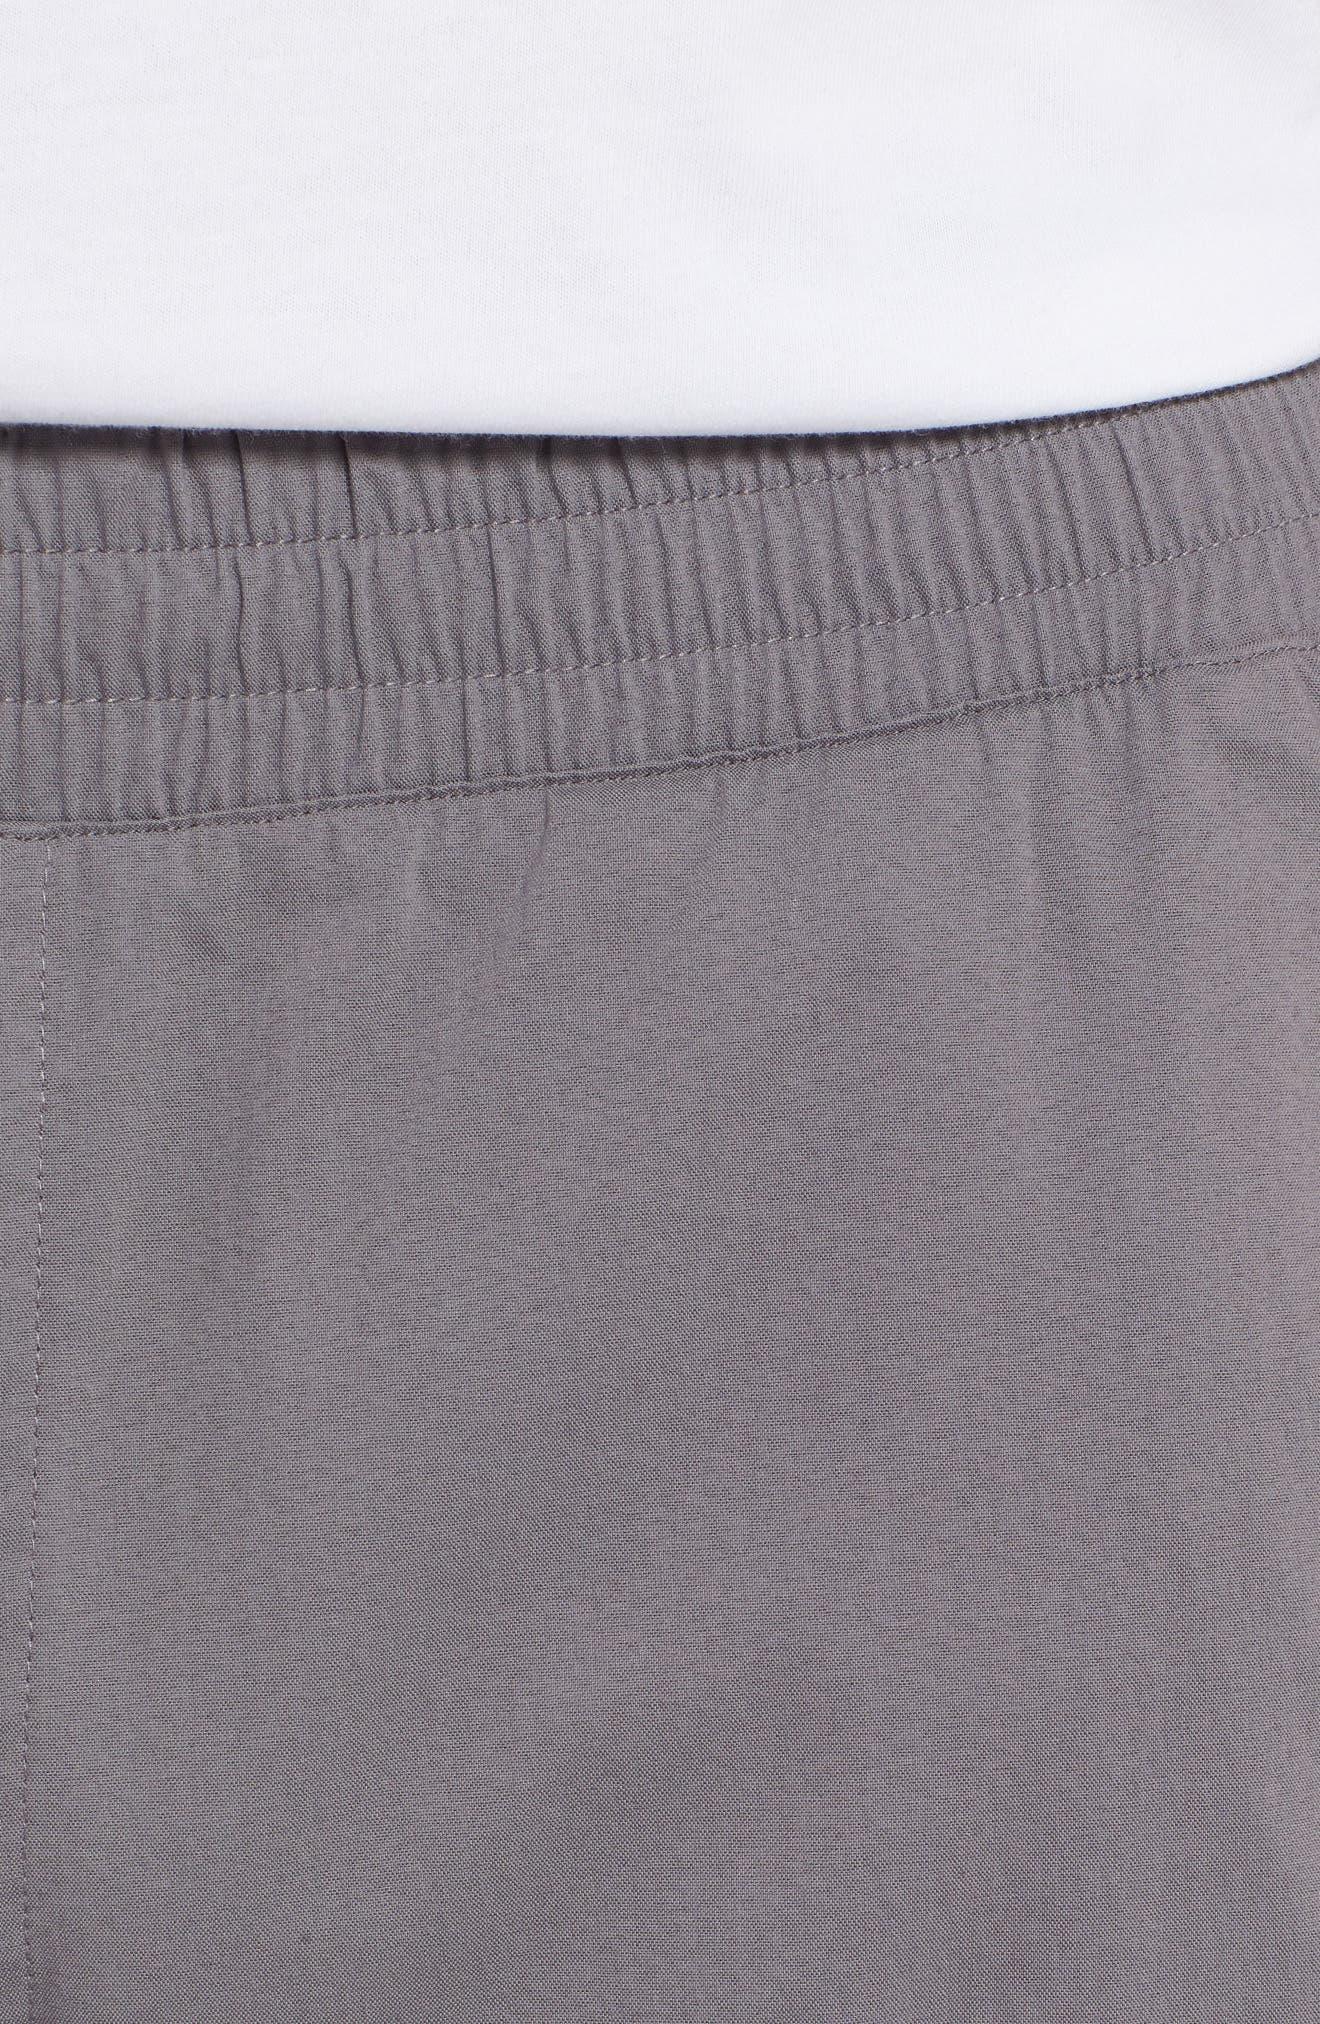 NSW Air Force 1 Lounge Pants,                             Alternate thumbnail 4, color,                             GUNSMOKE/ GREY/ OREWOOD